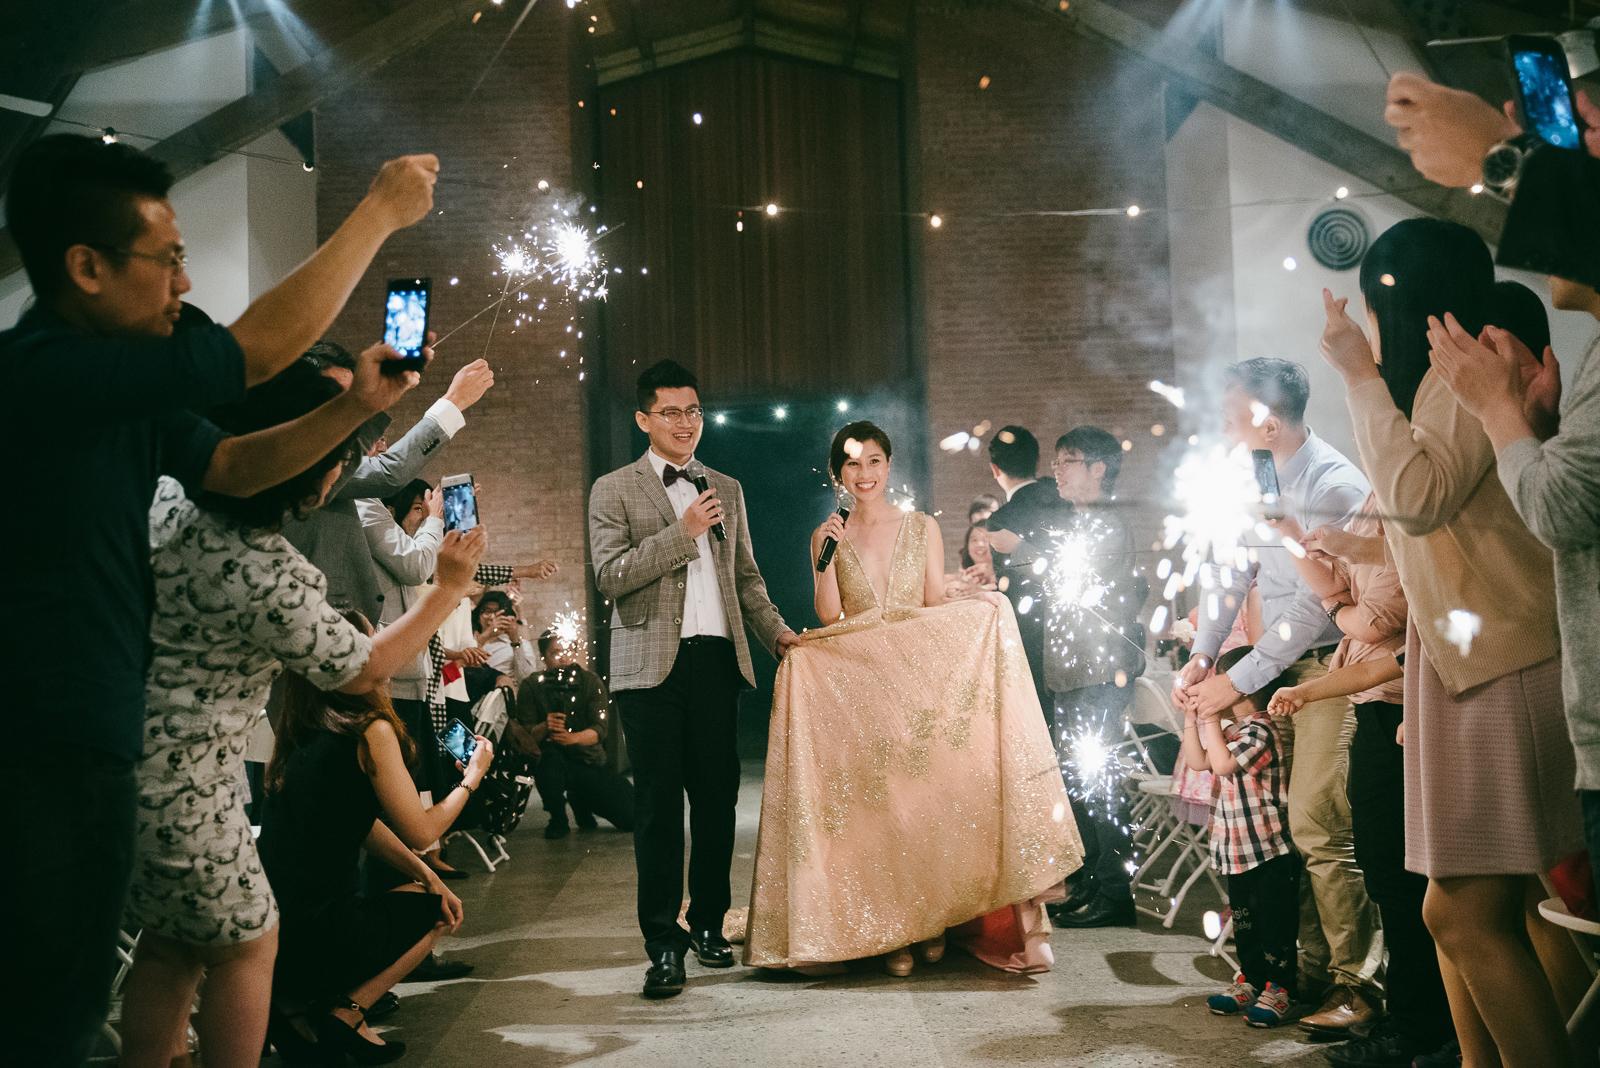 彰化婚攝 婚攝推薦 顏氏牧場II Yenpasture 結婚晚宴 I&K